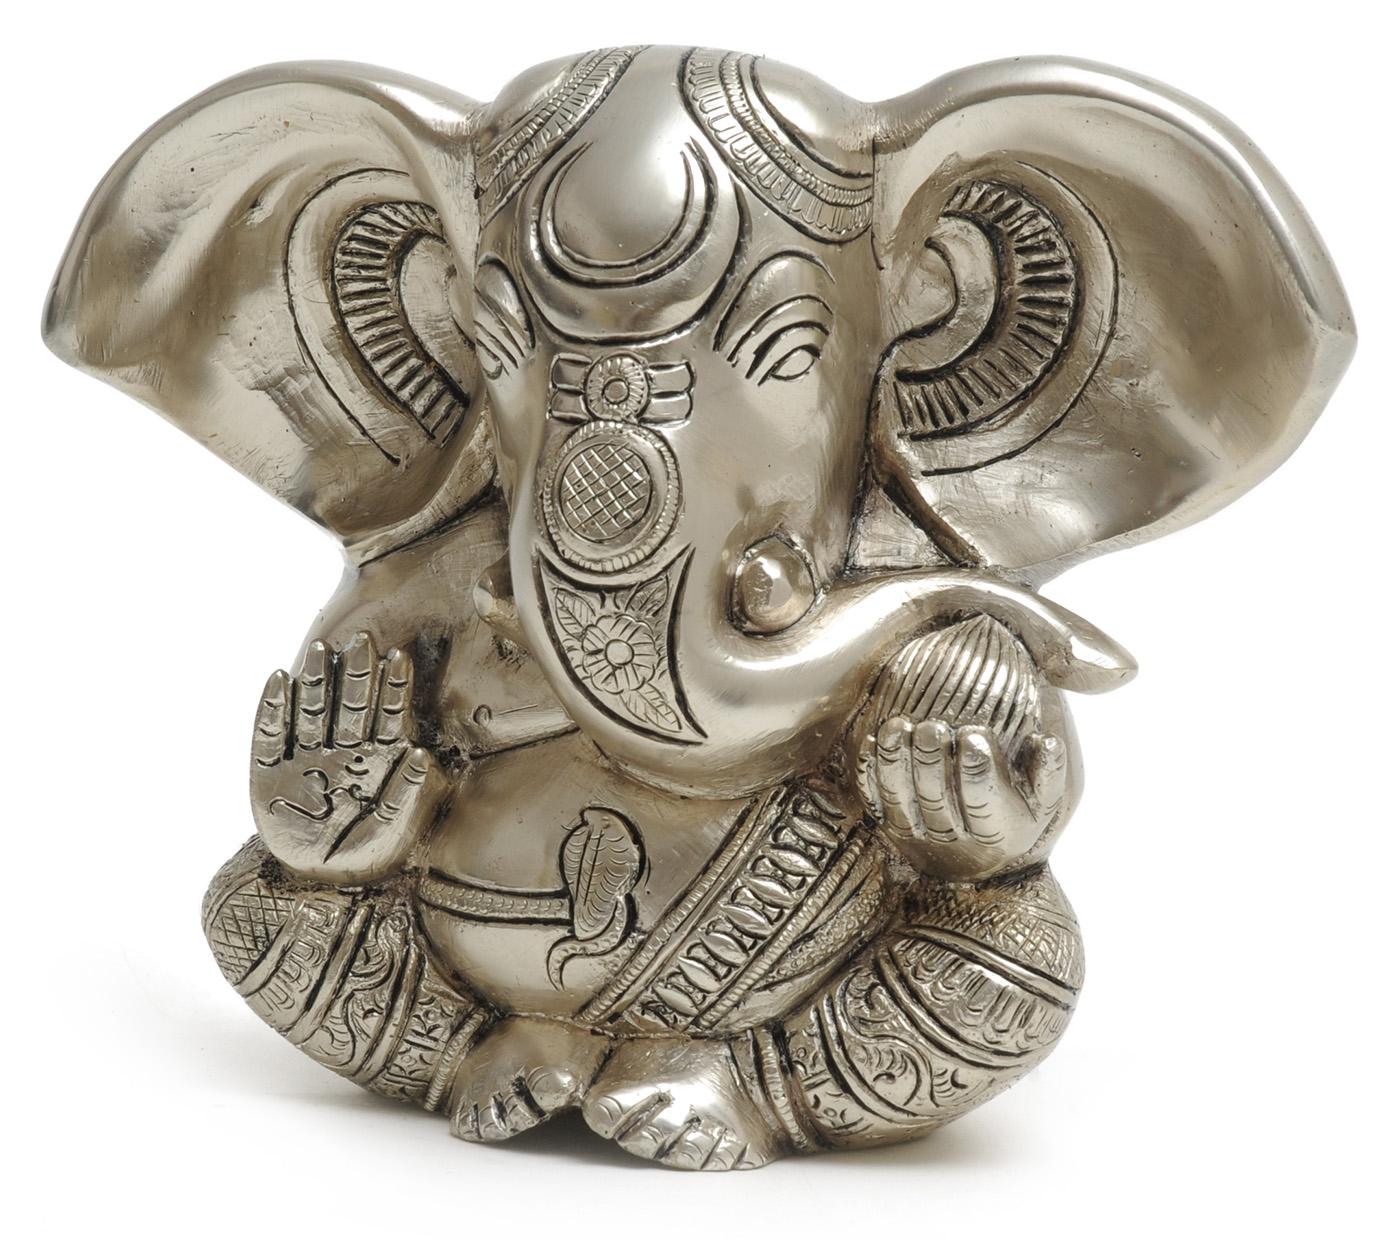 Ganesha-Statue versilbert, 13 cm